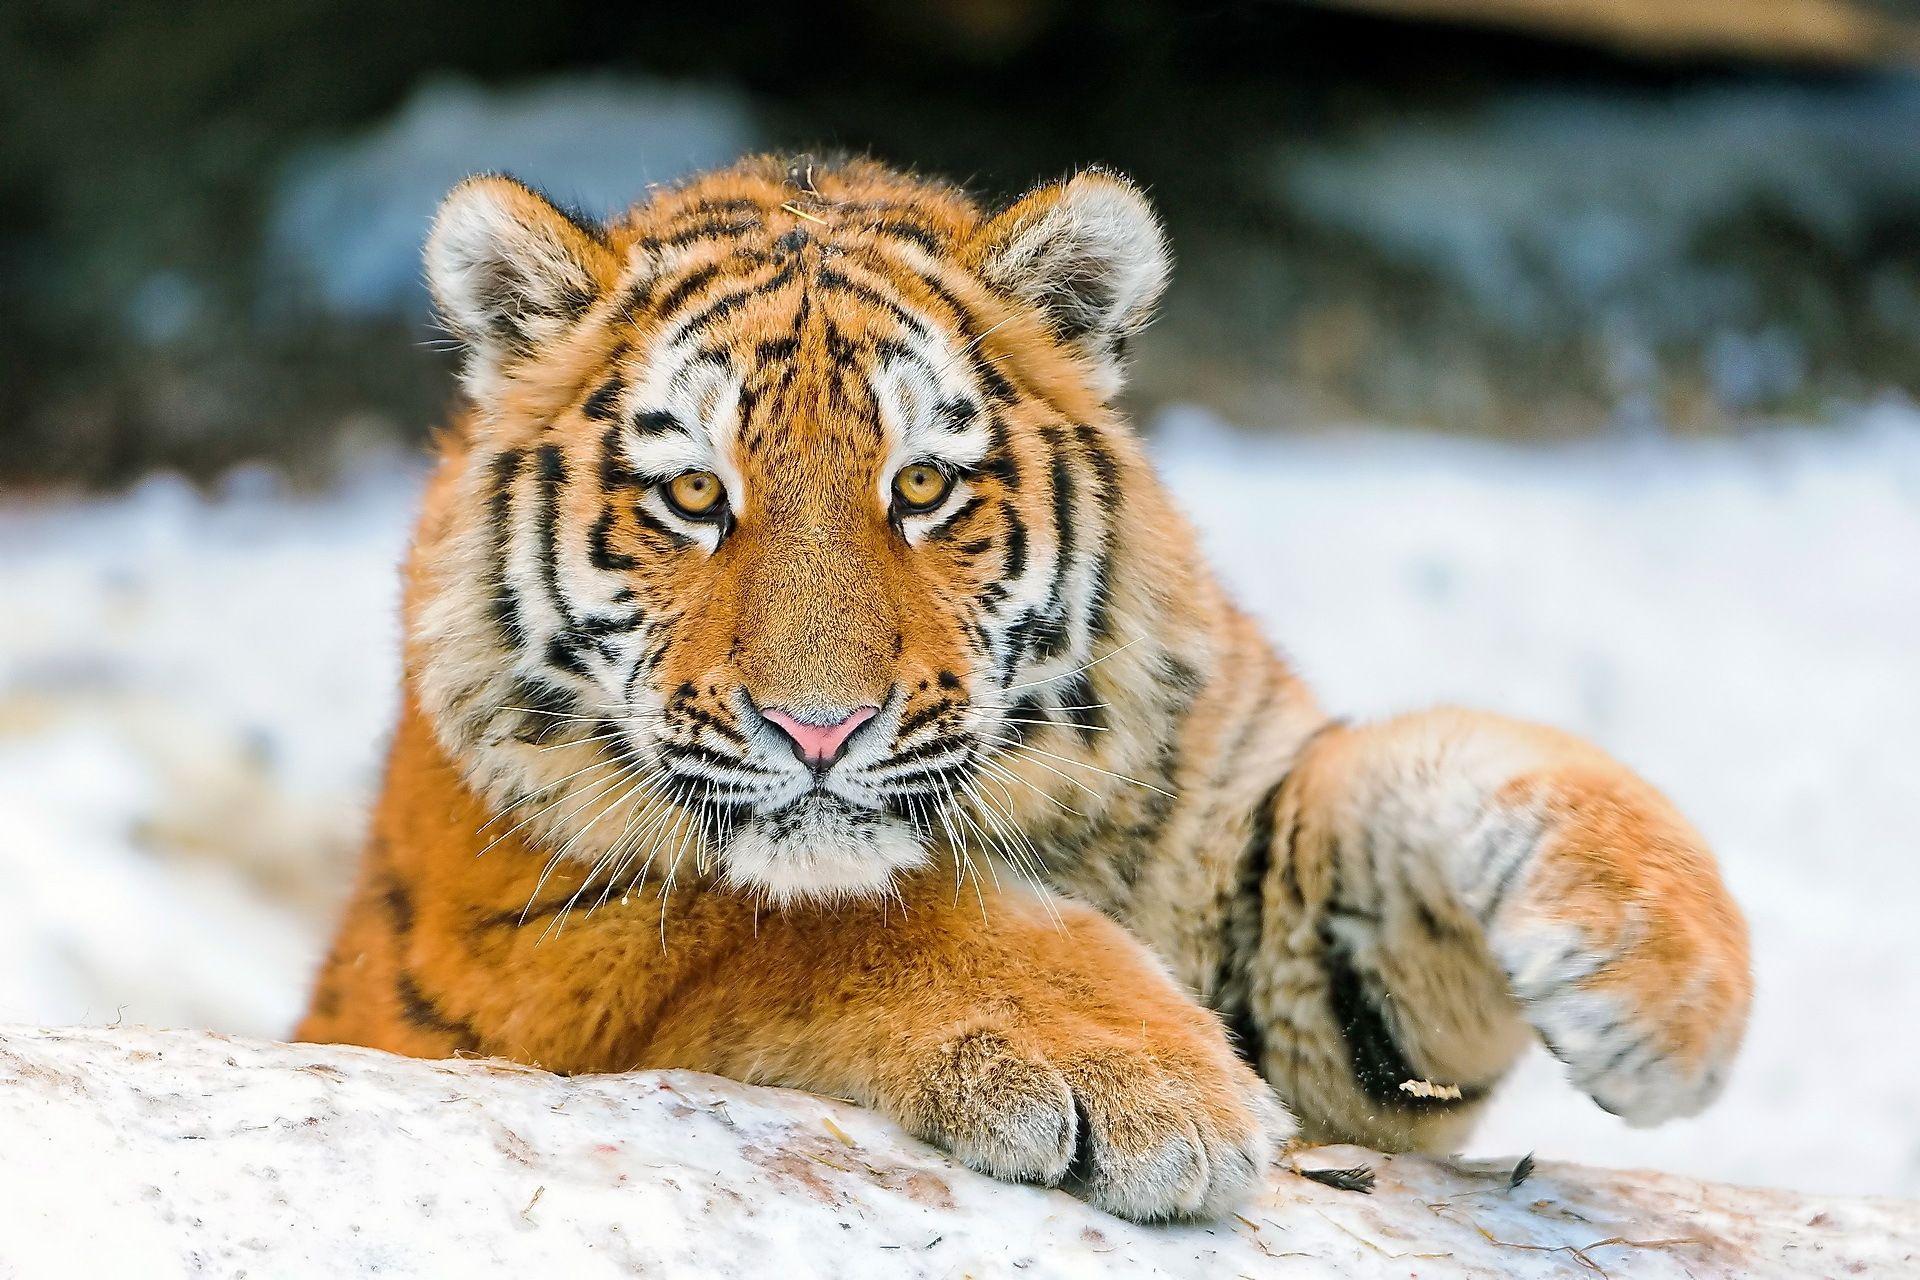 Tiger, Computer Wallpaper